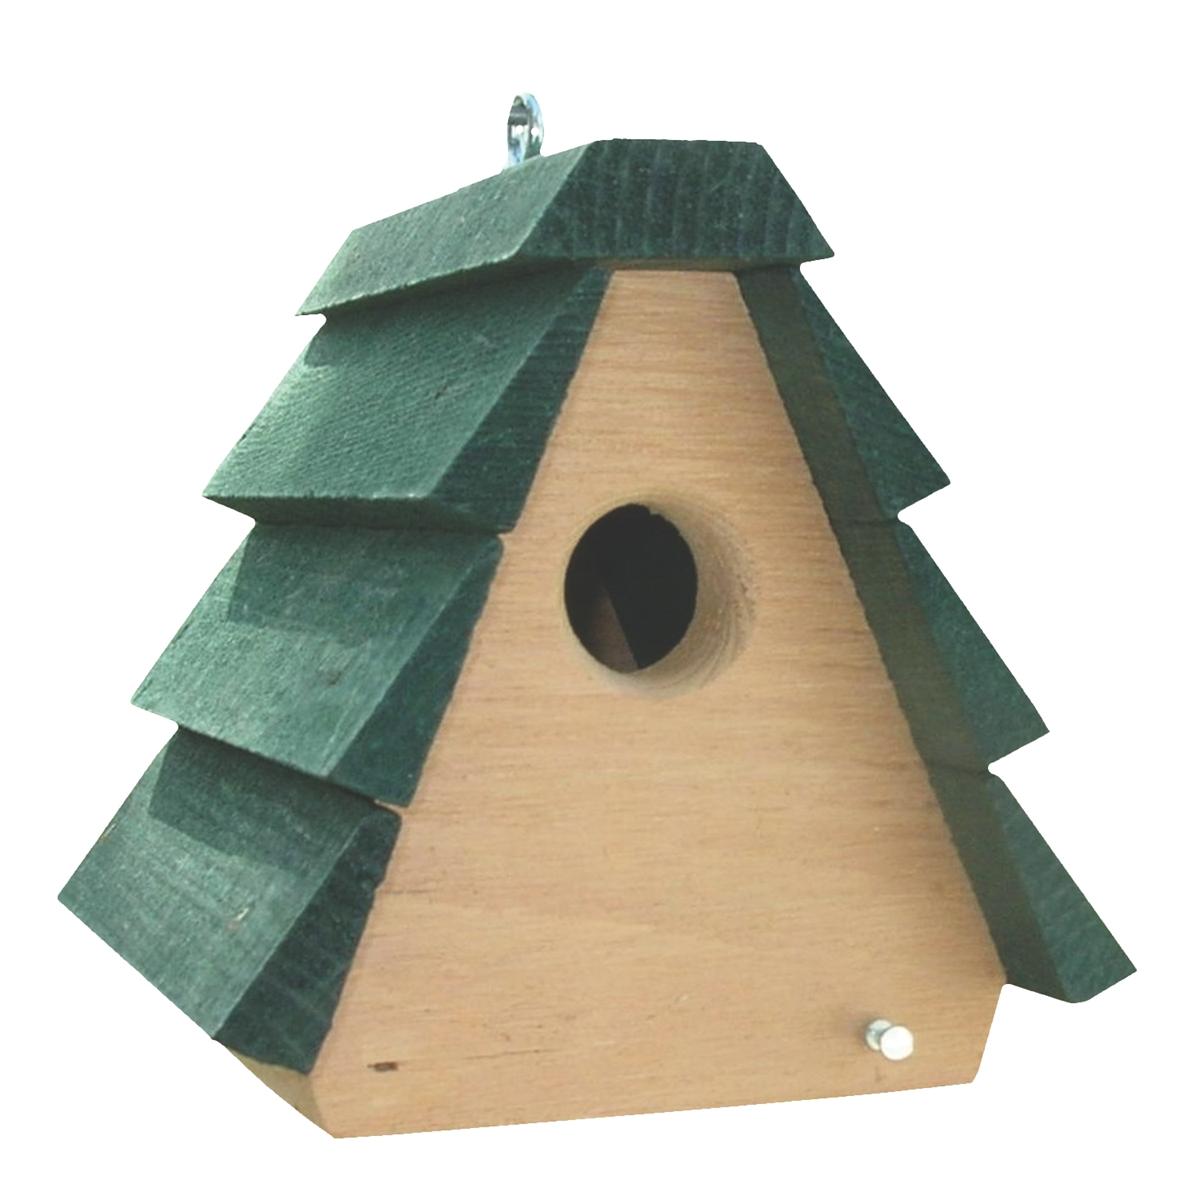 Wren A-Frame Nesting Box